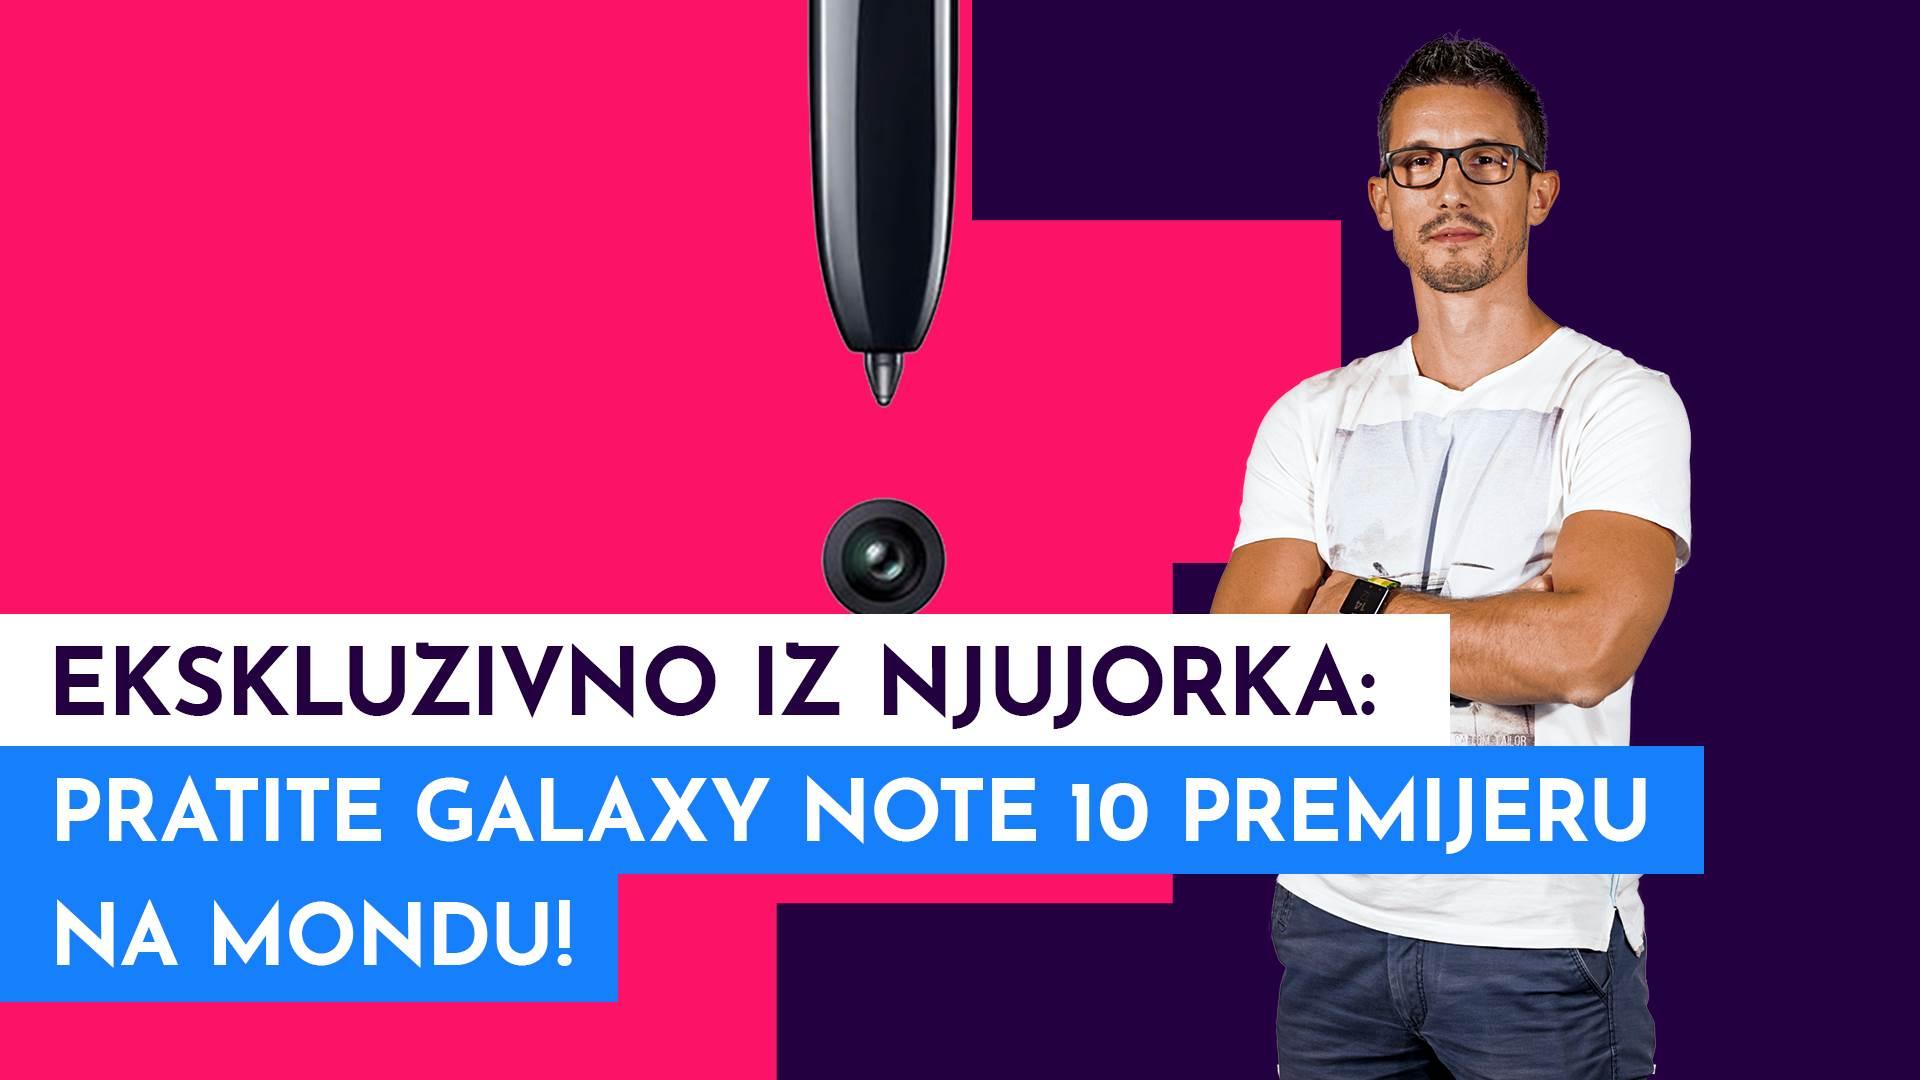 MONDO, Marko Čavić, Note 10